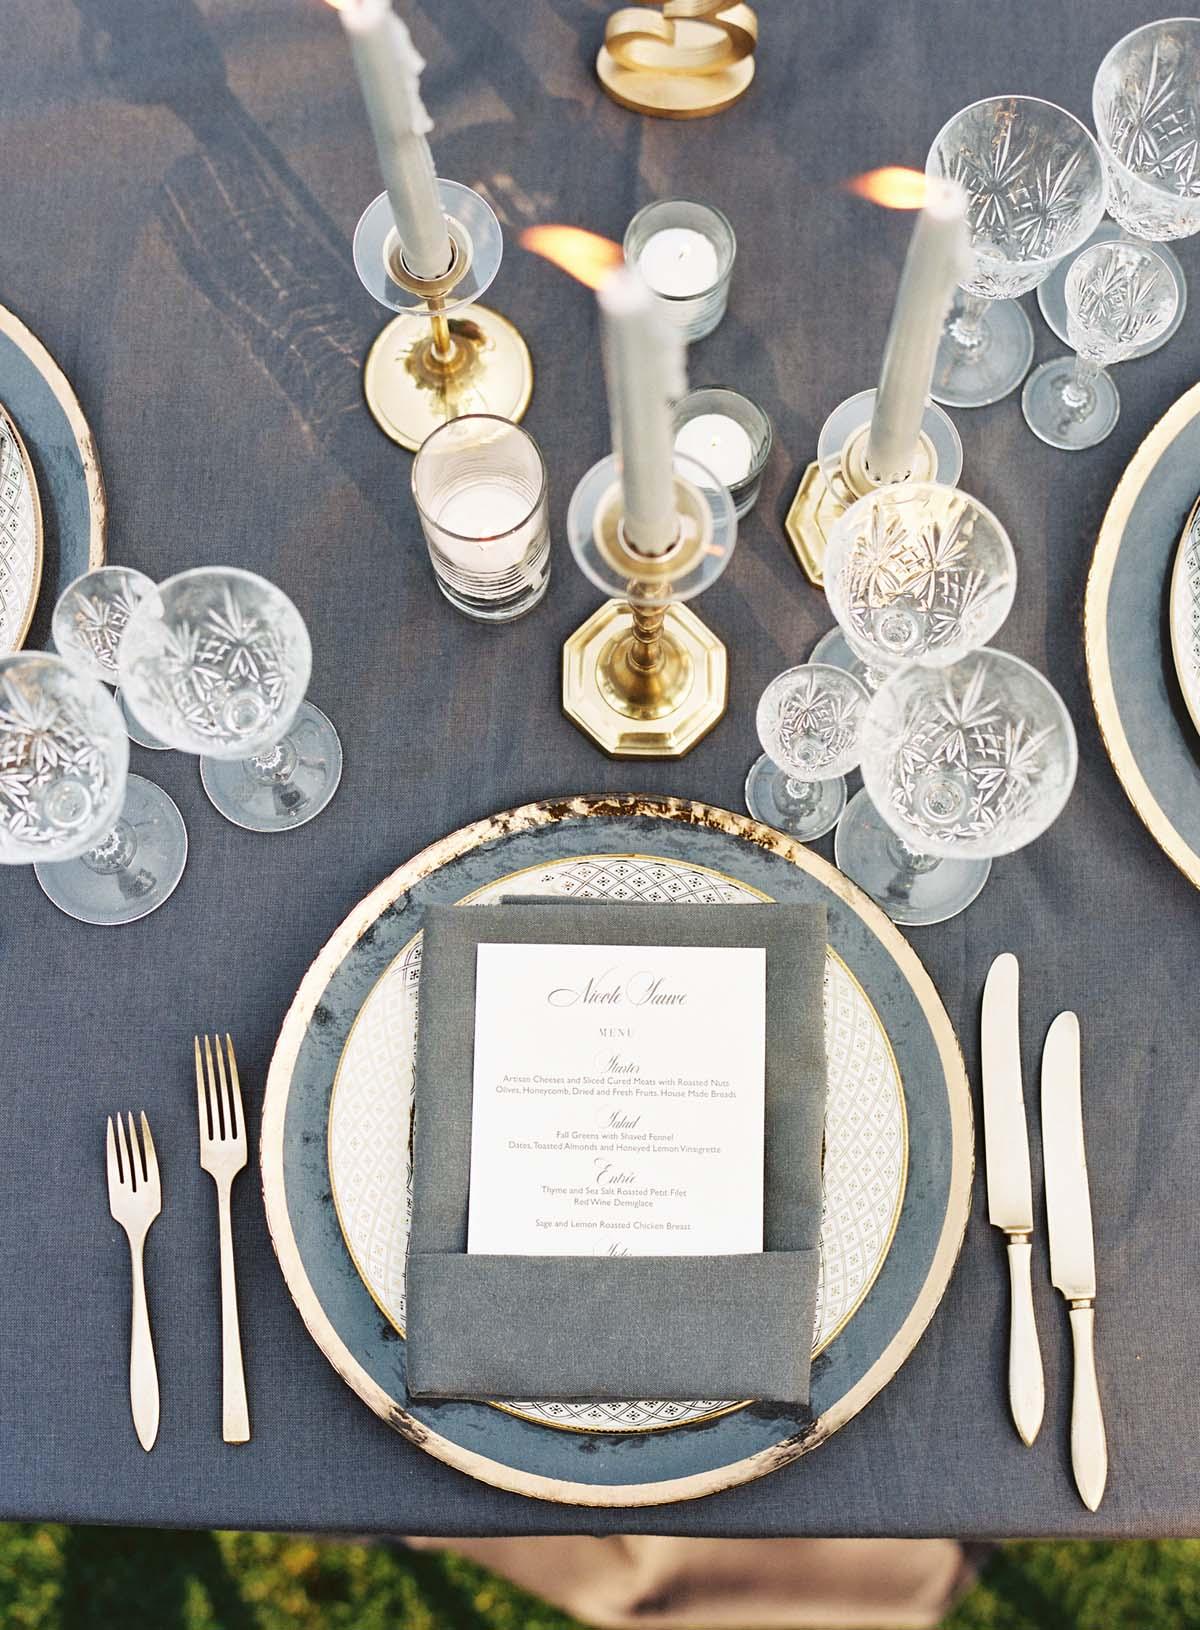 XOXO-BRIDE-EVENTS_Braedon-Flynn-Photography-16